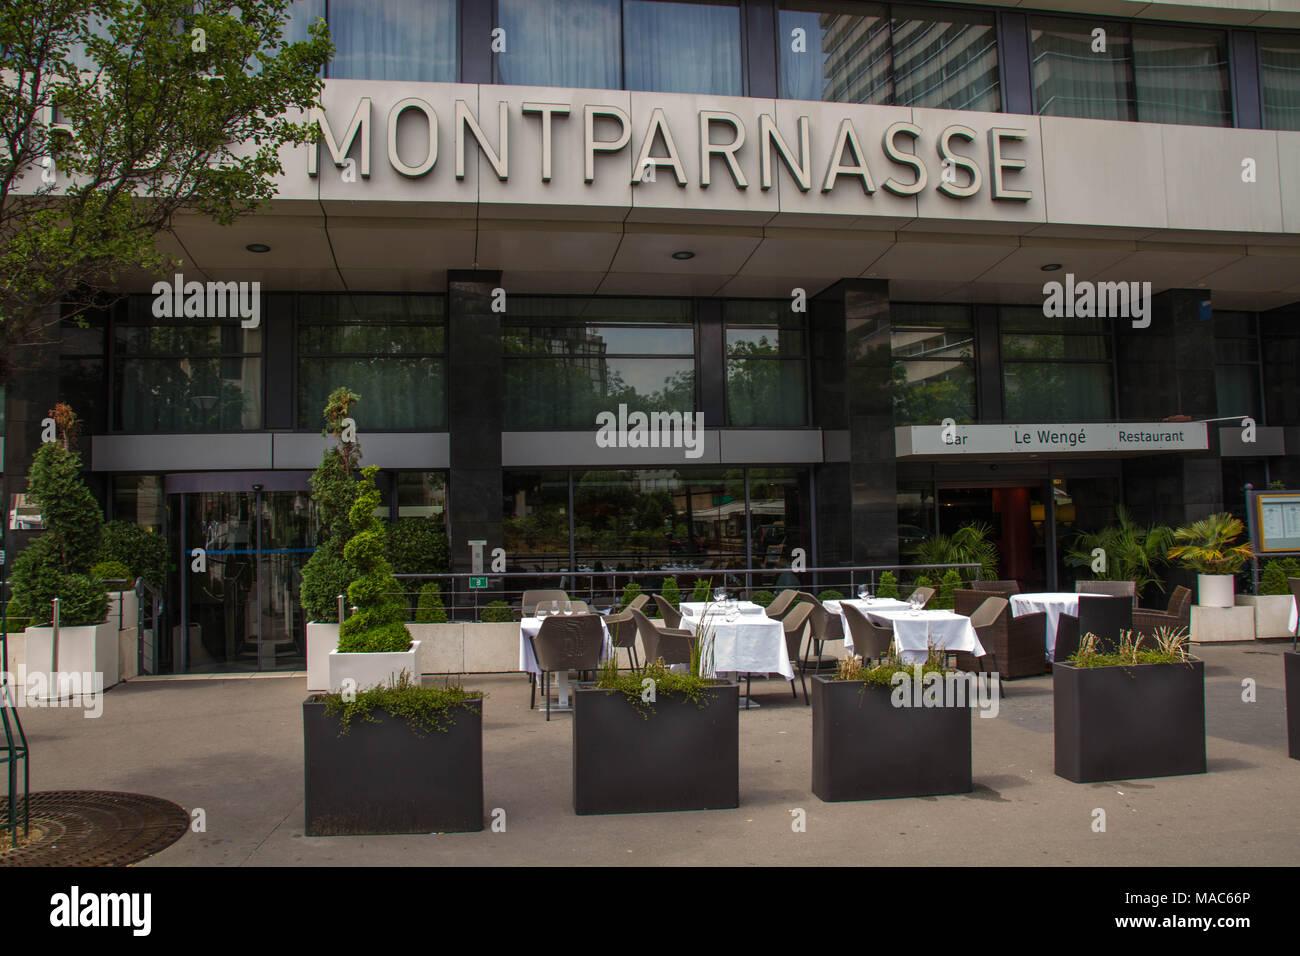 Paris, France - rue à l'entrée de l'Hôtel Concorde Montparnasse dans la ville, image au format paysage Banque D'Images